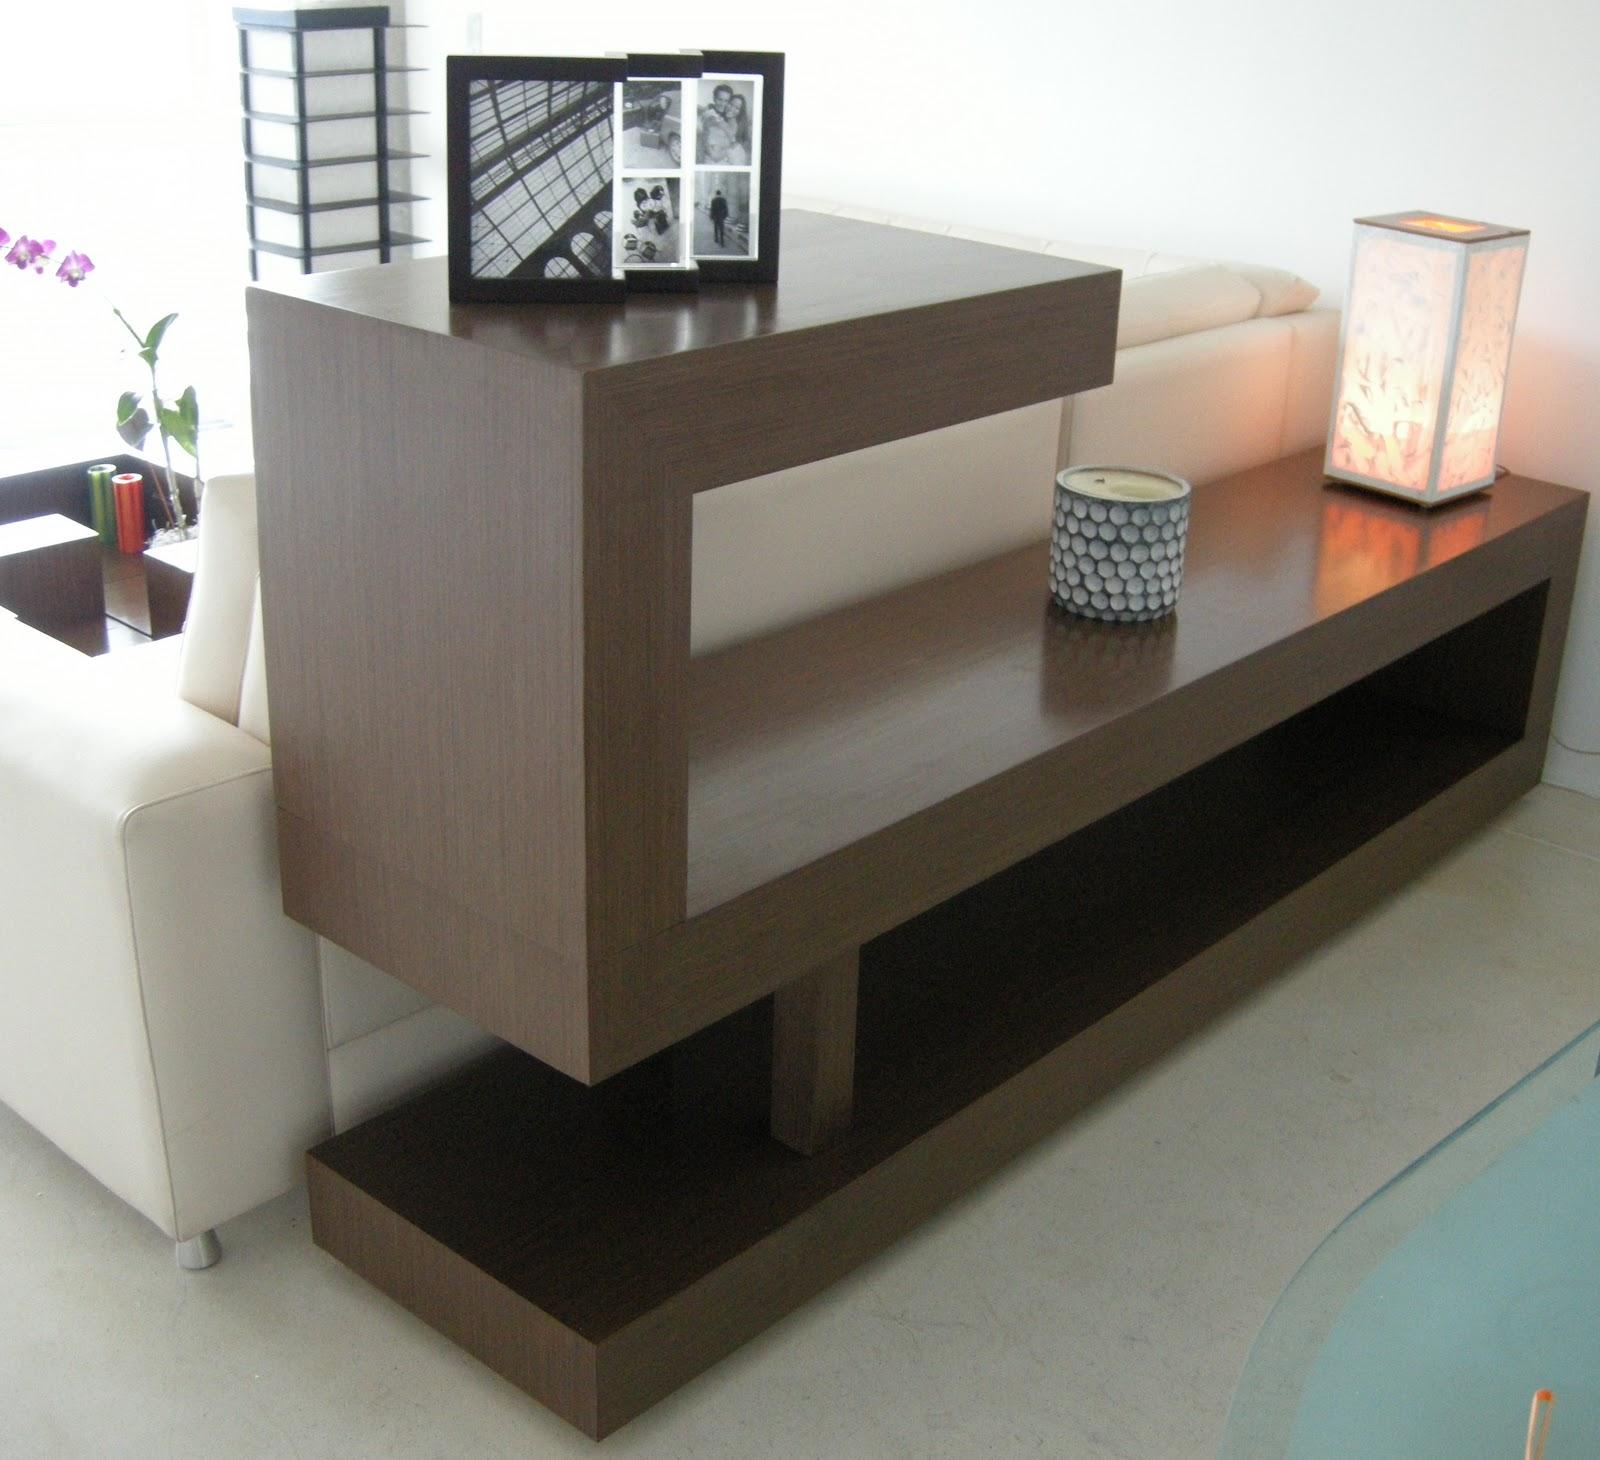 Wood lounge mueble separador de espacios - Separador de espacios ...